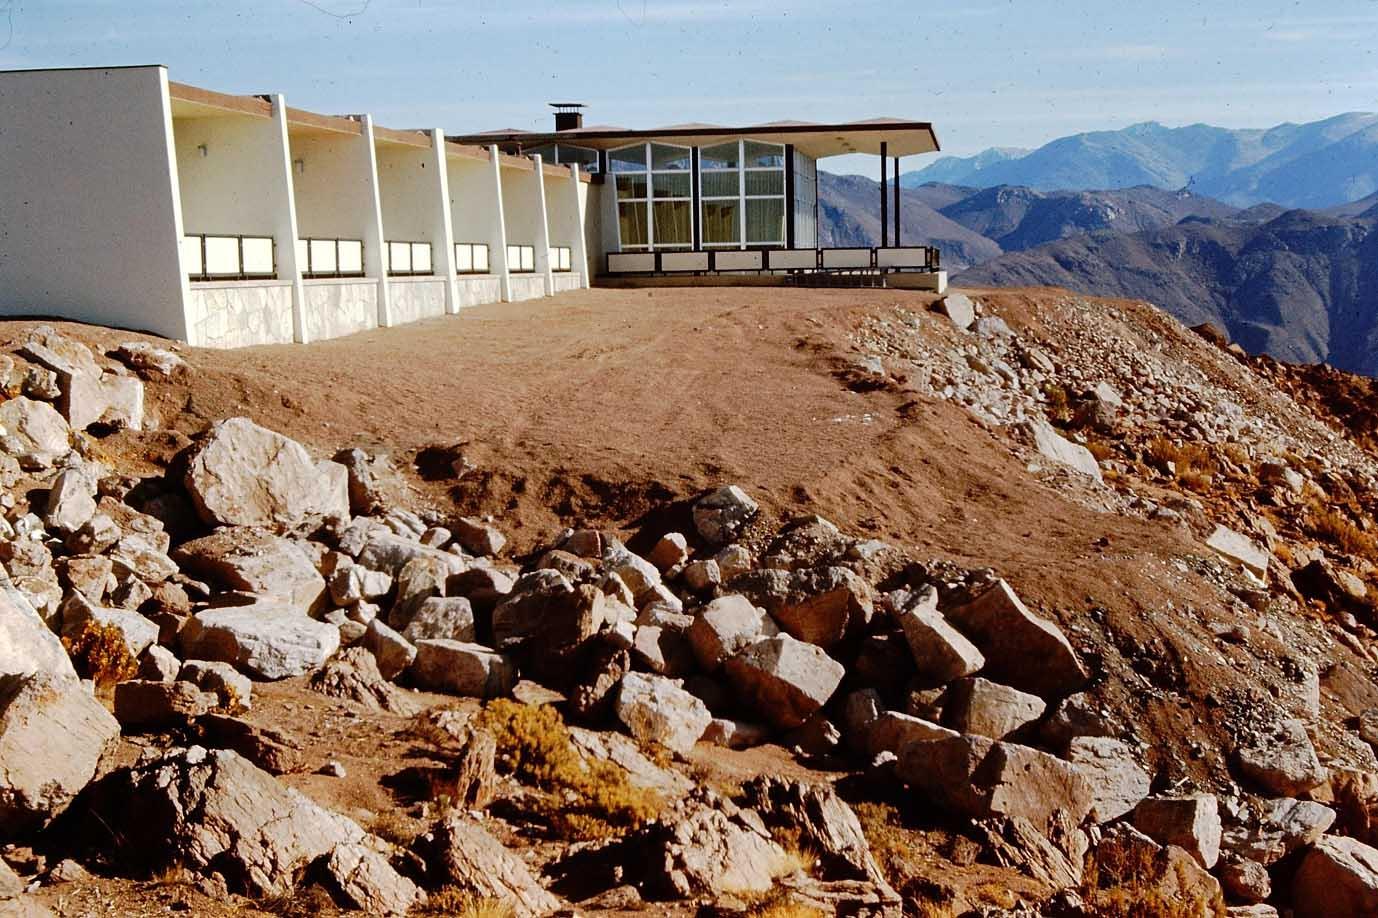 Enterreno - Fotos históricas de chile - fotos antiguas de Chile - Observatorio Cerro Tololo en 1975